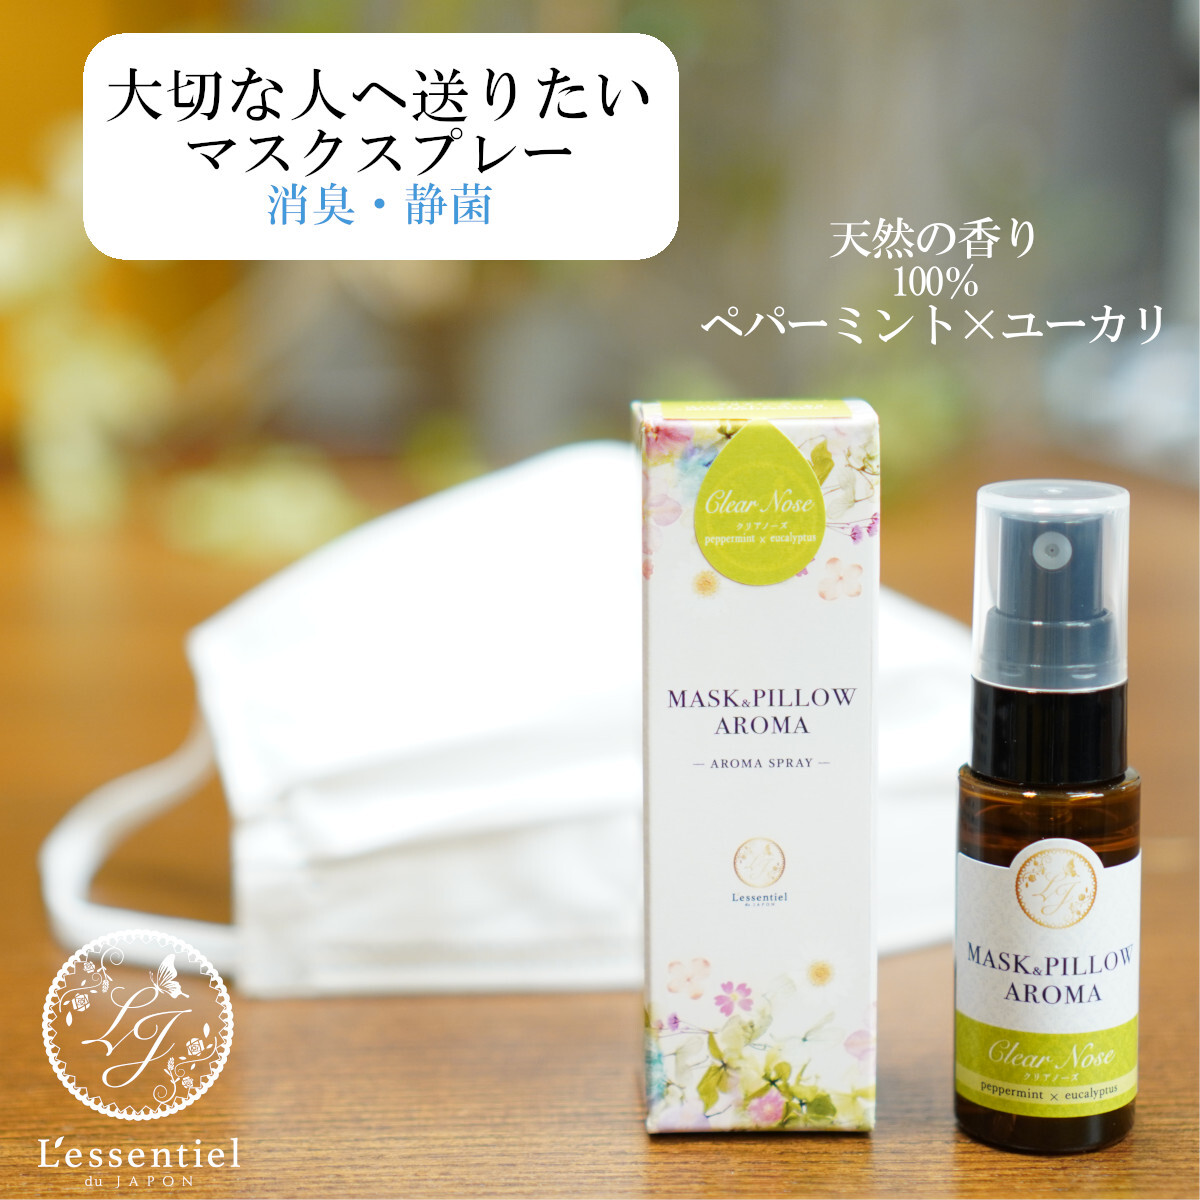 【マスクスプレー】ユーカリ 鼻づまり 箱付き ボタニカル 風邪 花粉対策 消臭 除菌 ピロースプレー アロマスプレー 精油